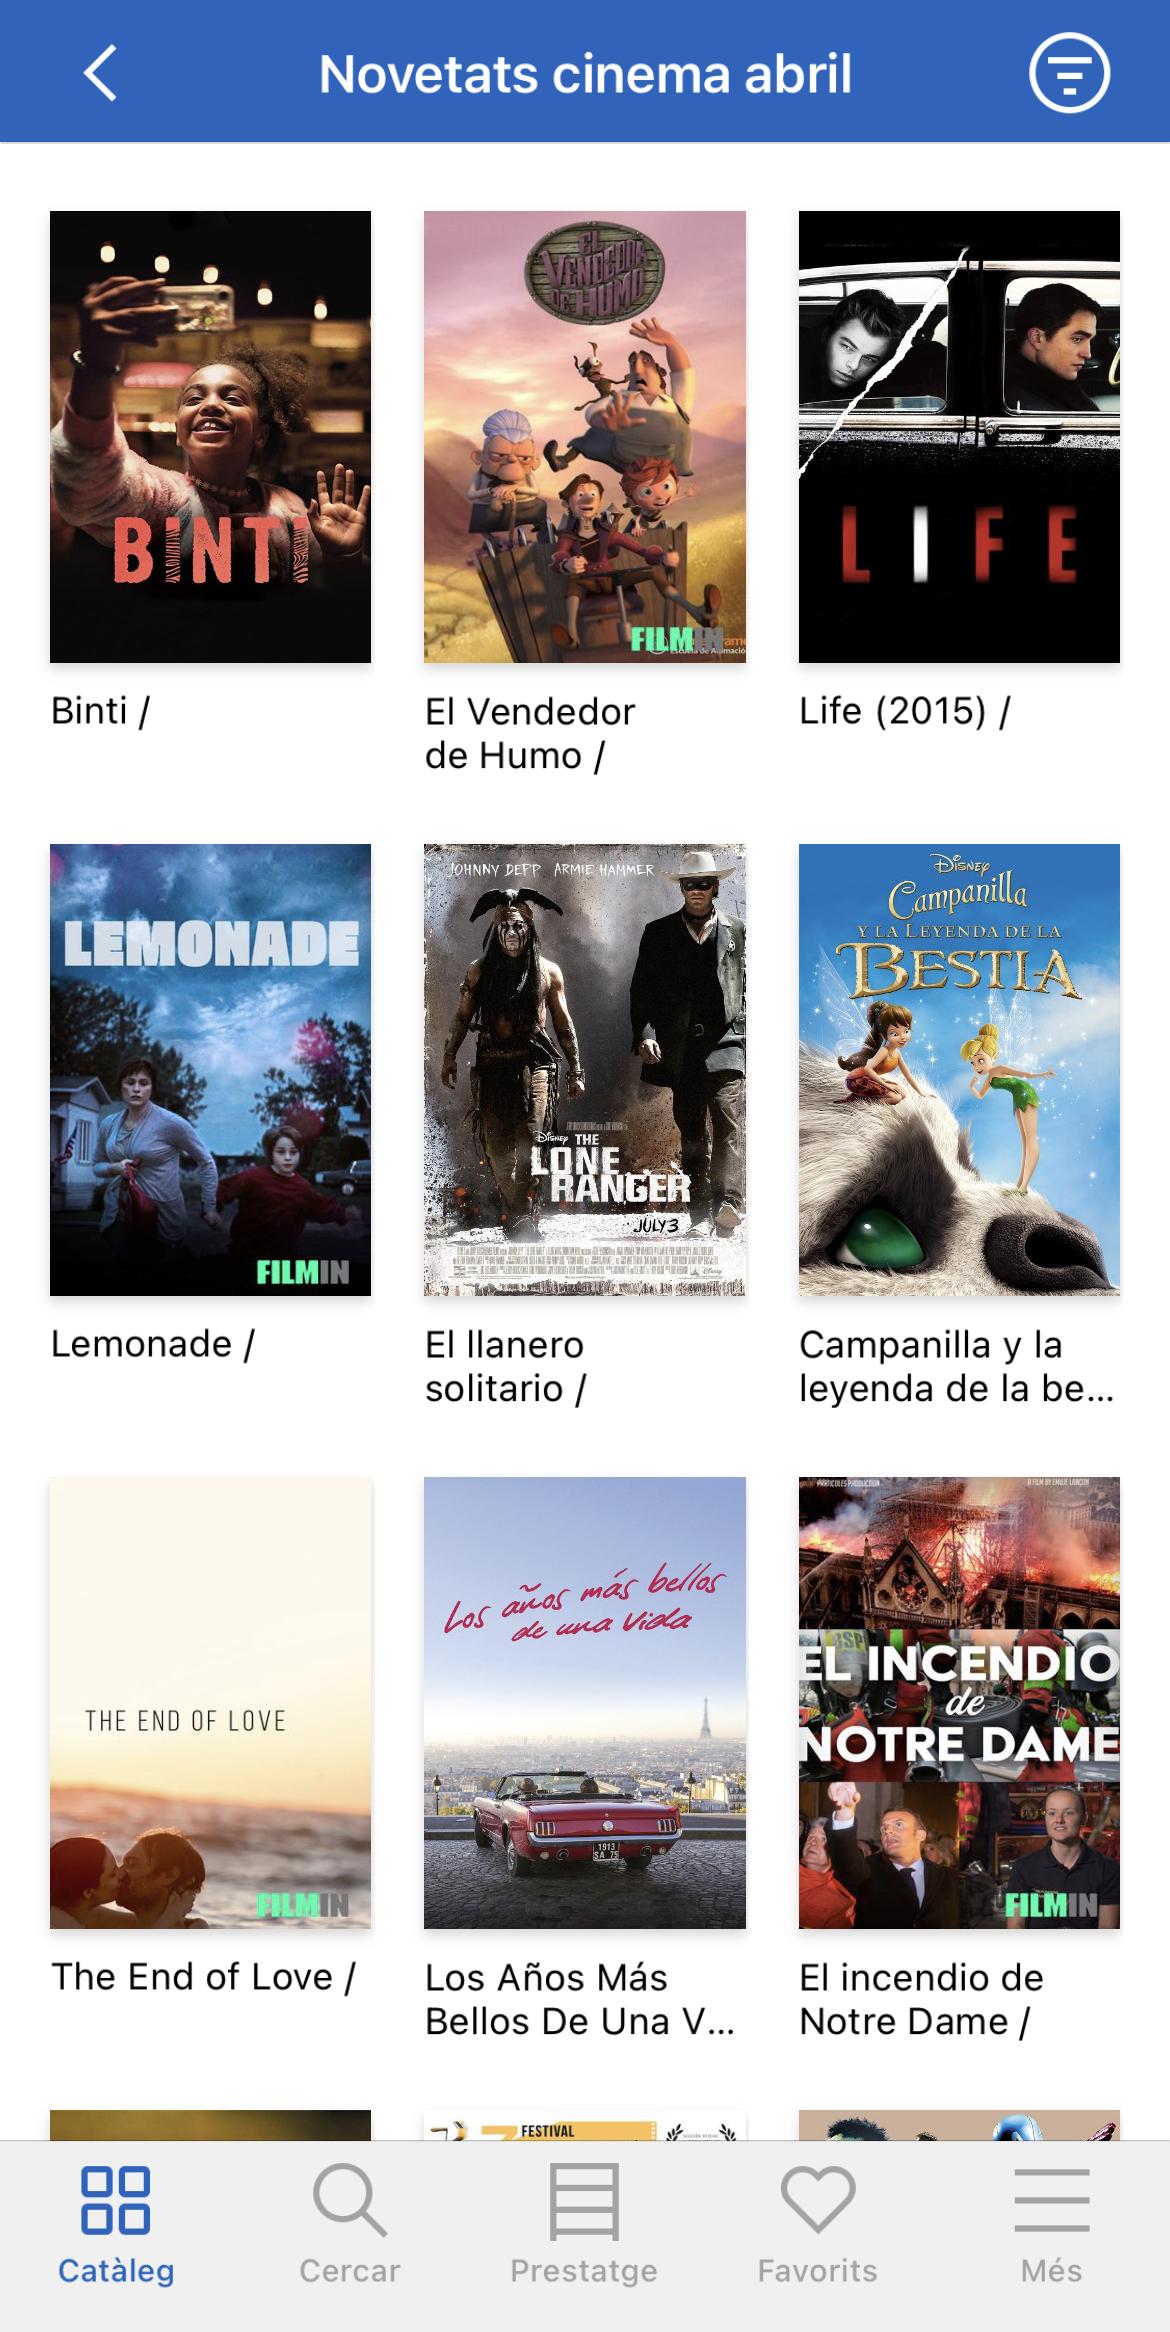 Les pel·lícules